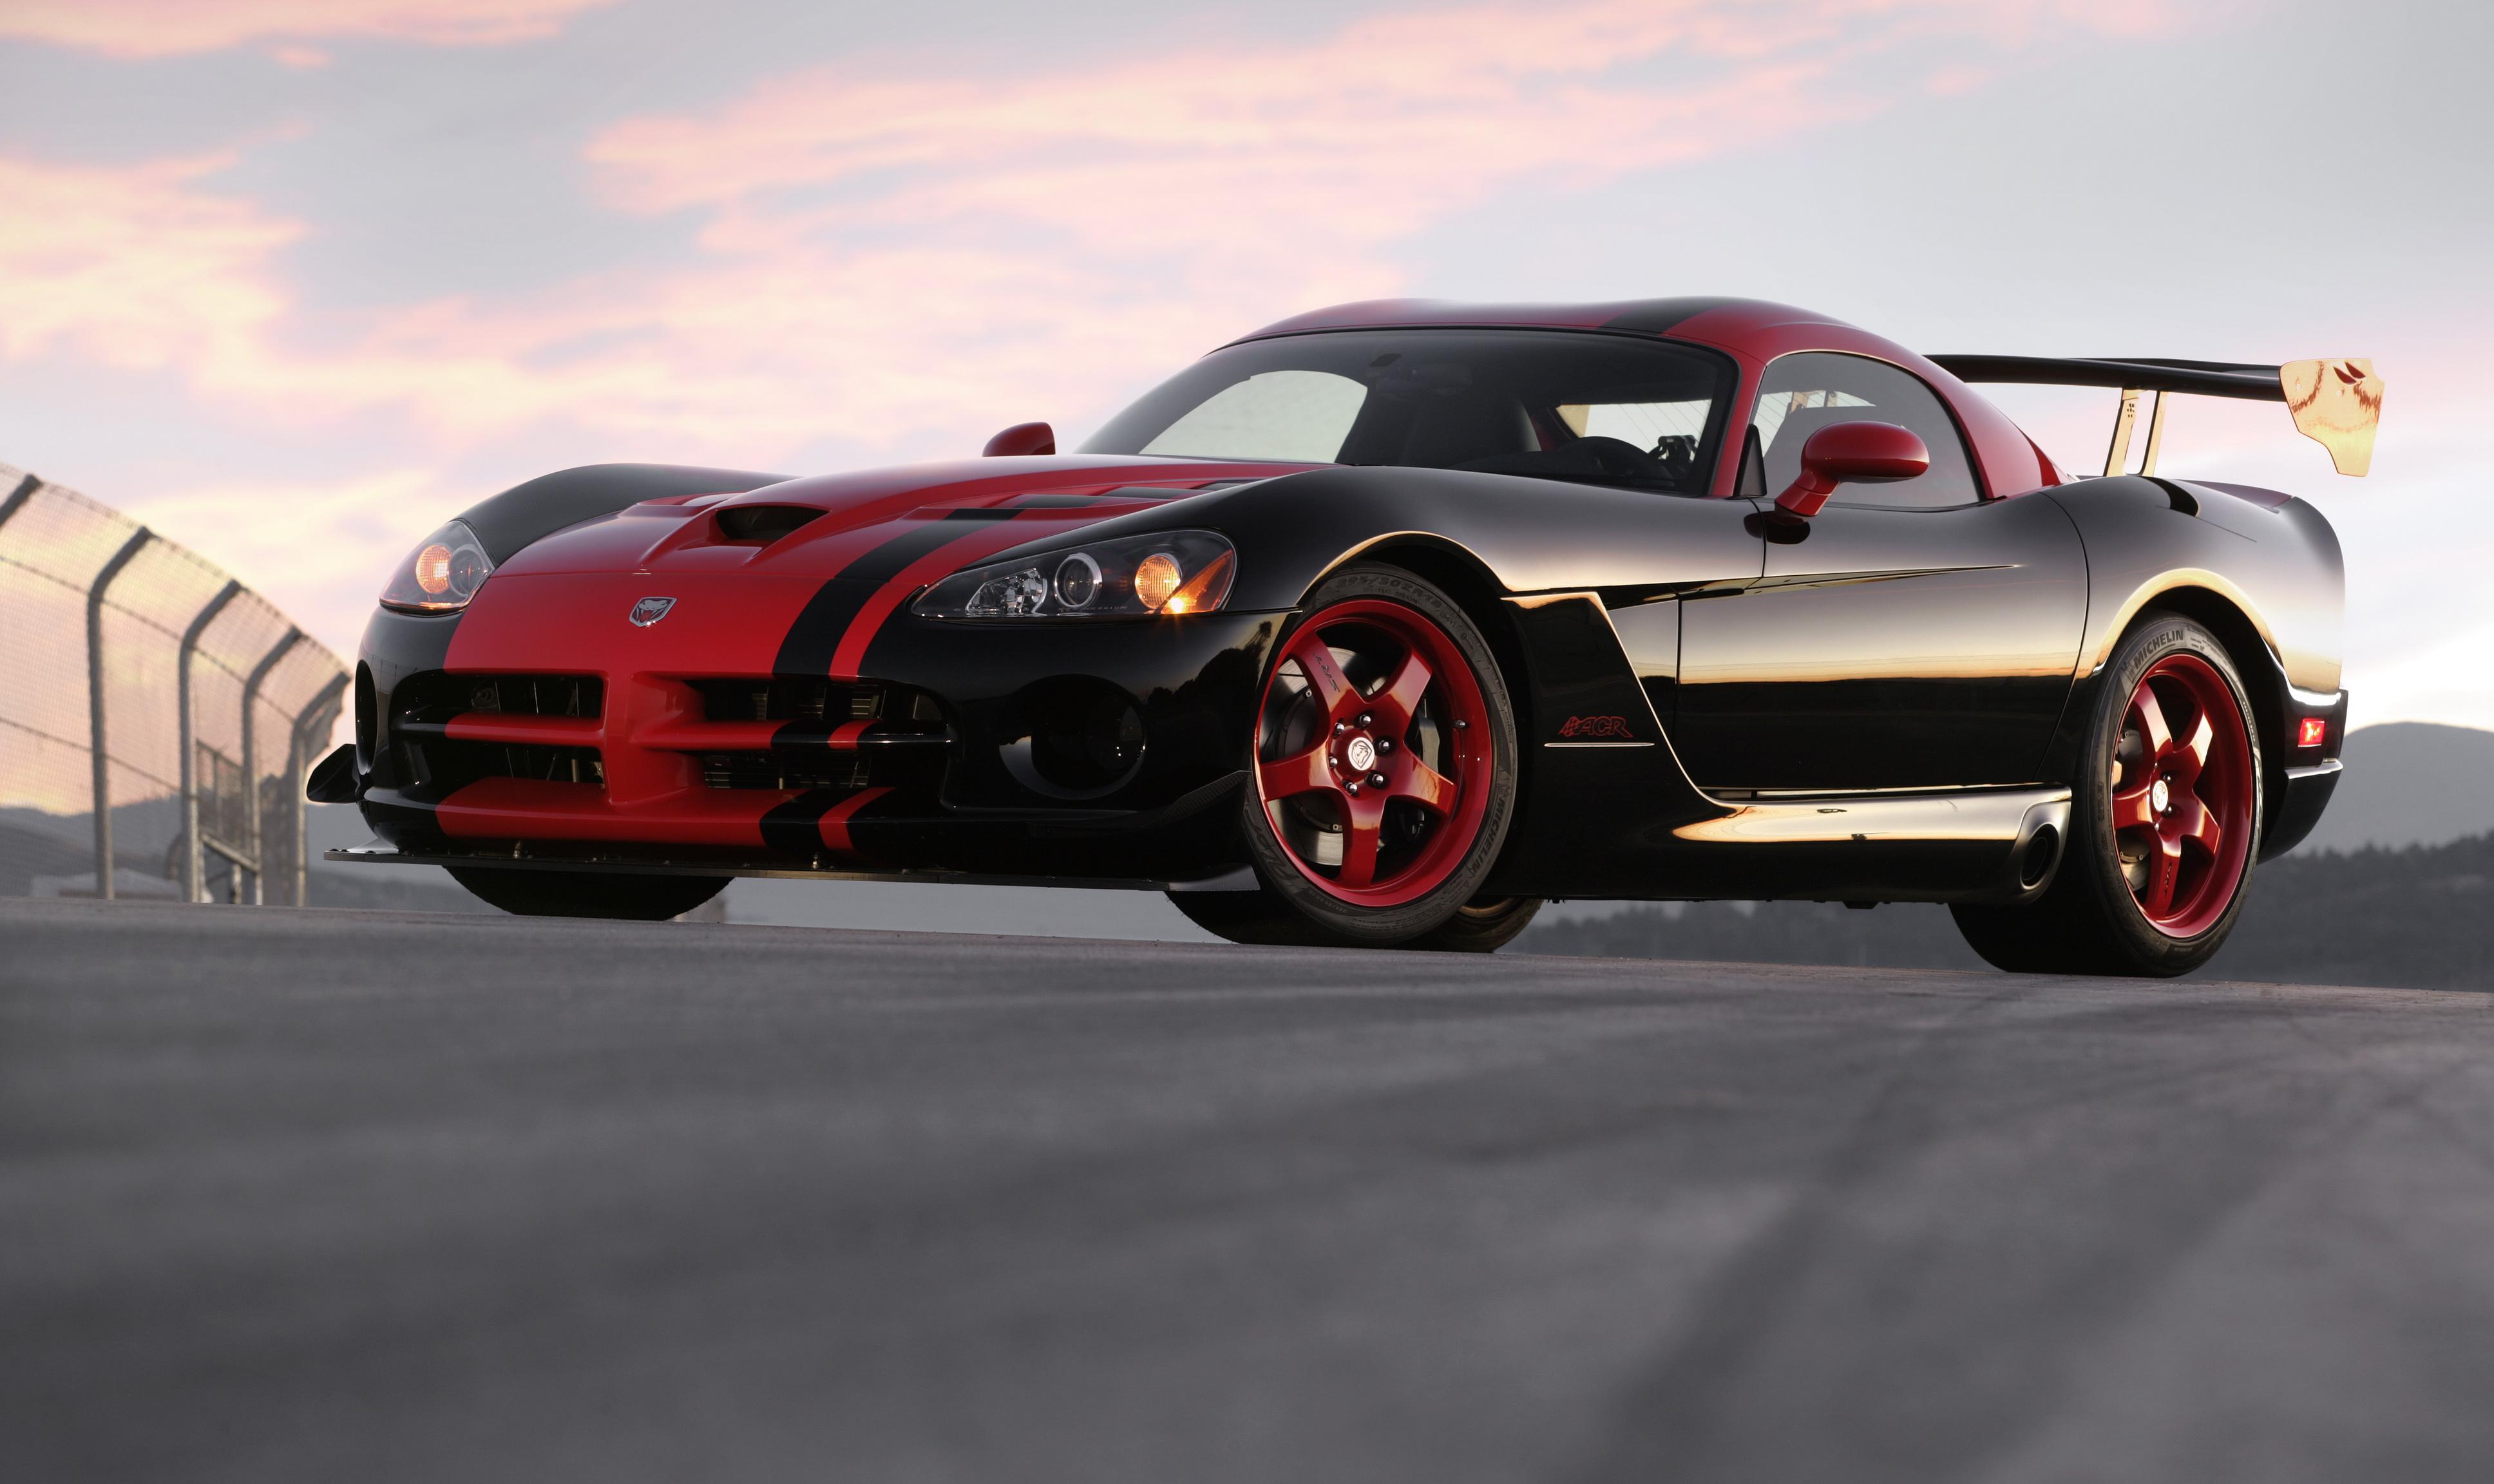 красный спортивный автомобиль Dodge Viper SRT  № 1128482 бесплатно